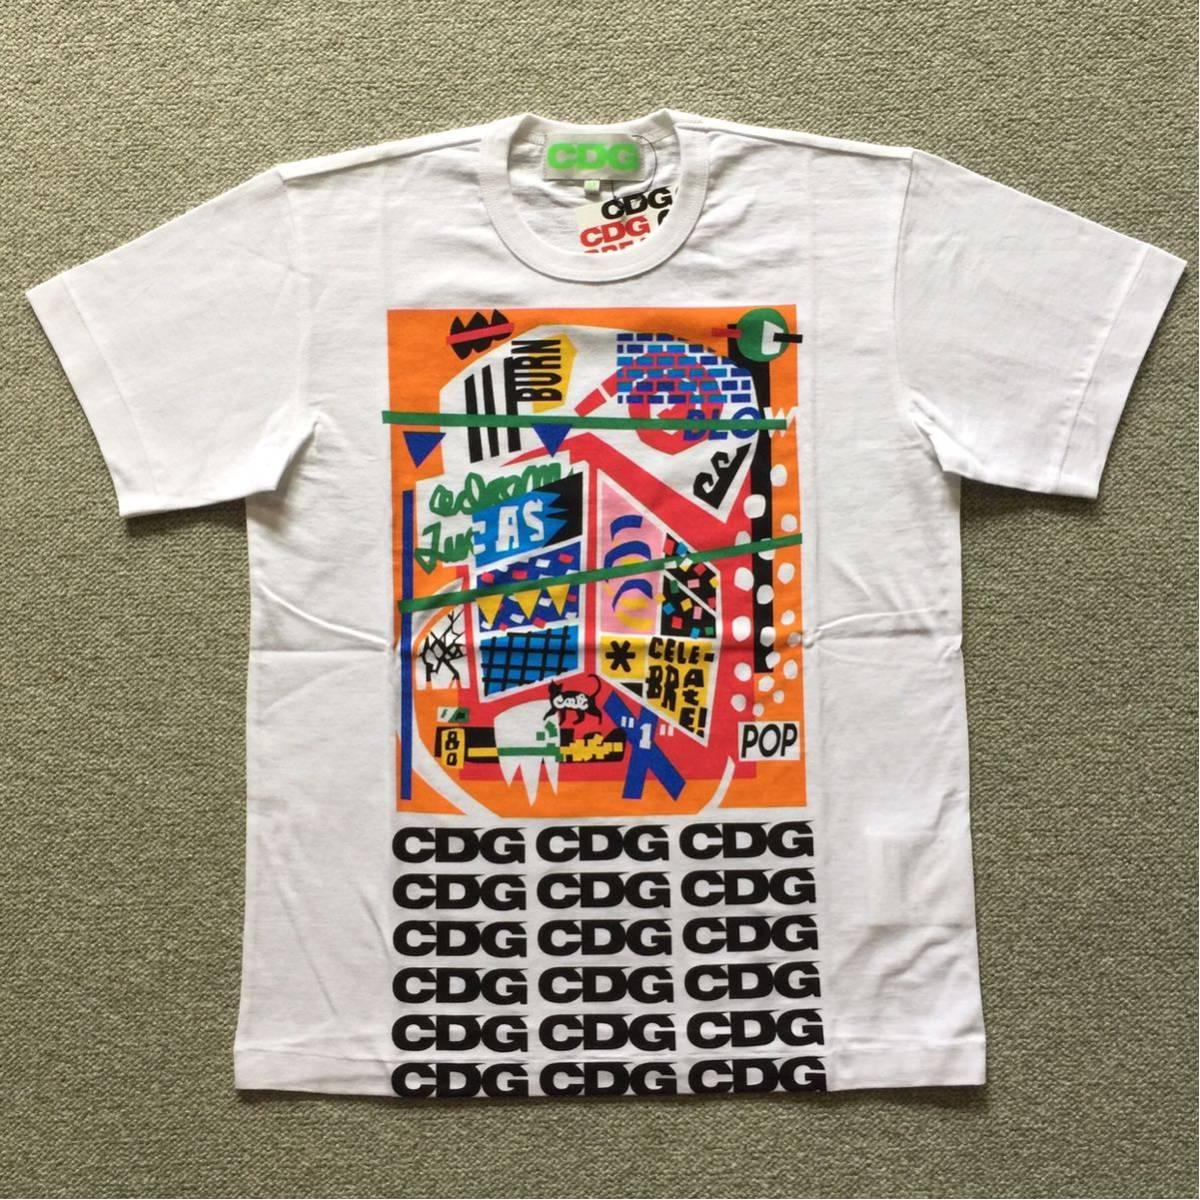 コムデギャルソン CDG BREAKING NEWS ゴールデンウィーク Tシャツ Mサイズ COMME des GARCONS コム デ ギャルソン コム・デ・ギャルソン_画像1